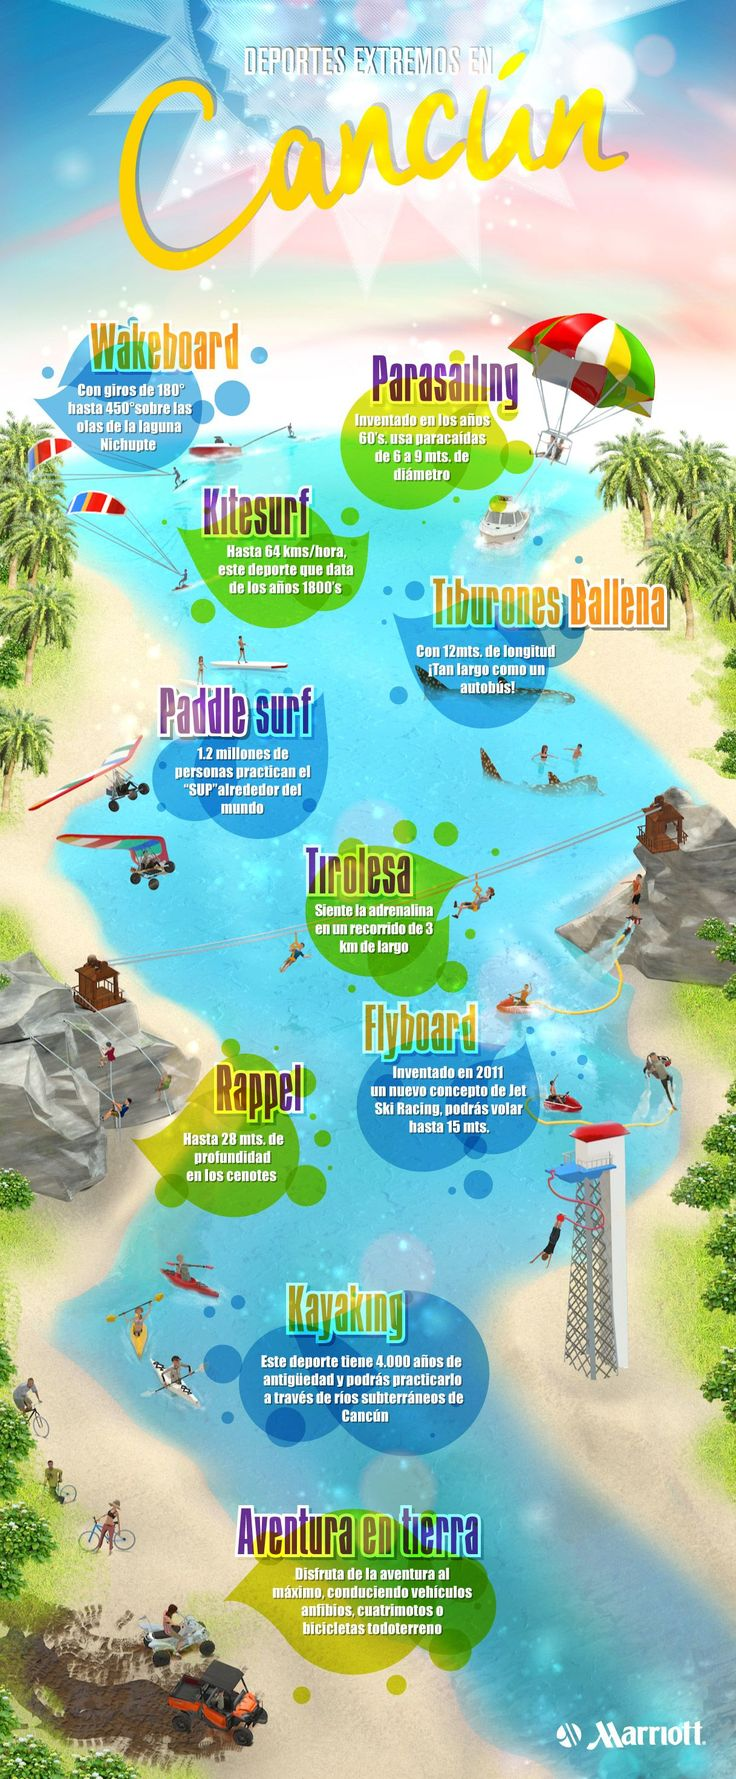 ¿Si te gusta la adrenalina, los deportes extremos y la emoción? Entonces esta infografía simplemente te va a encantar, pues podrás conocer todas esas actividades te llevarán al límite en Cancún. #Infographic #Travel #Cancún #Vacaciones #Marriott #HotelMarriott #México #DeportesExtremos